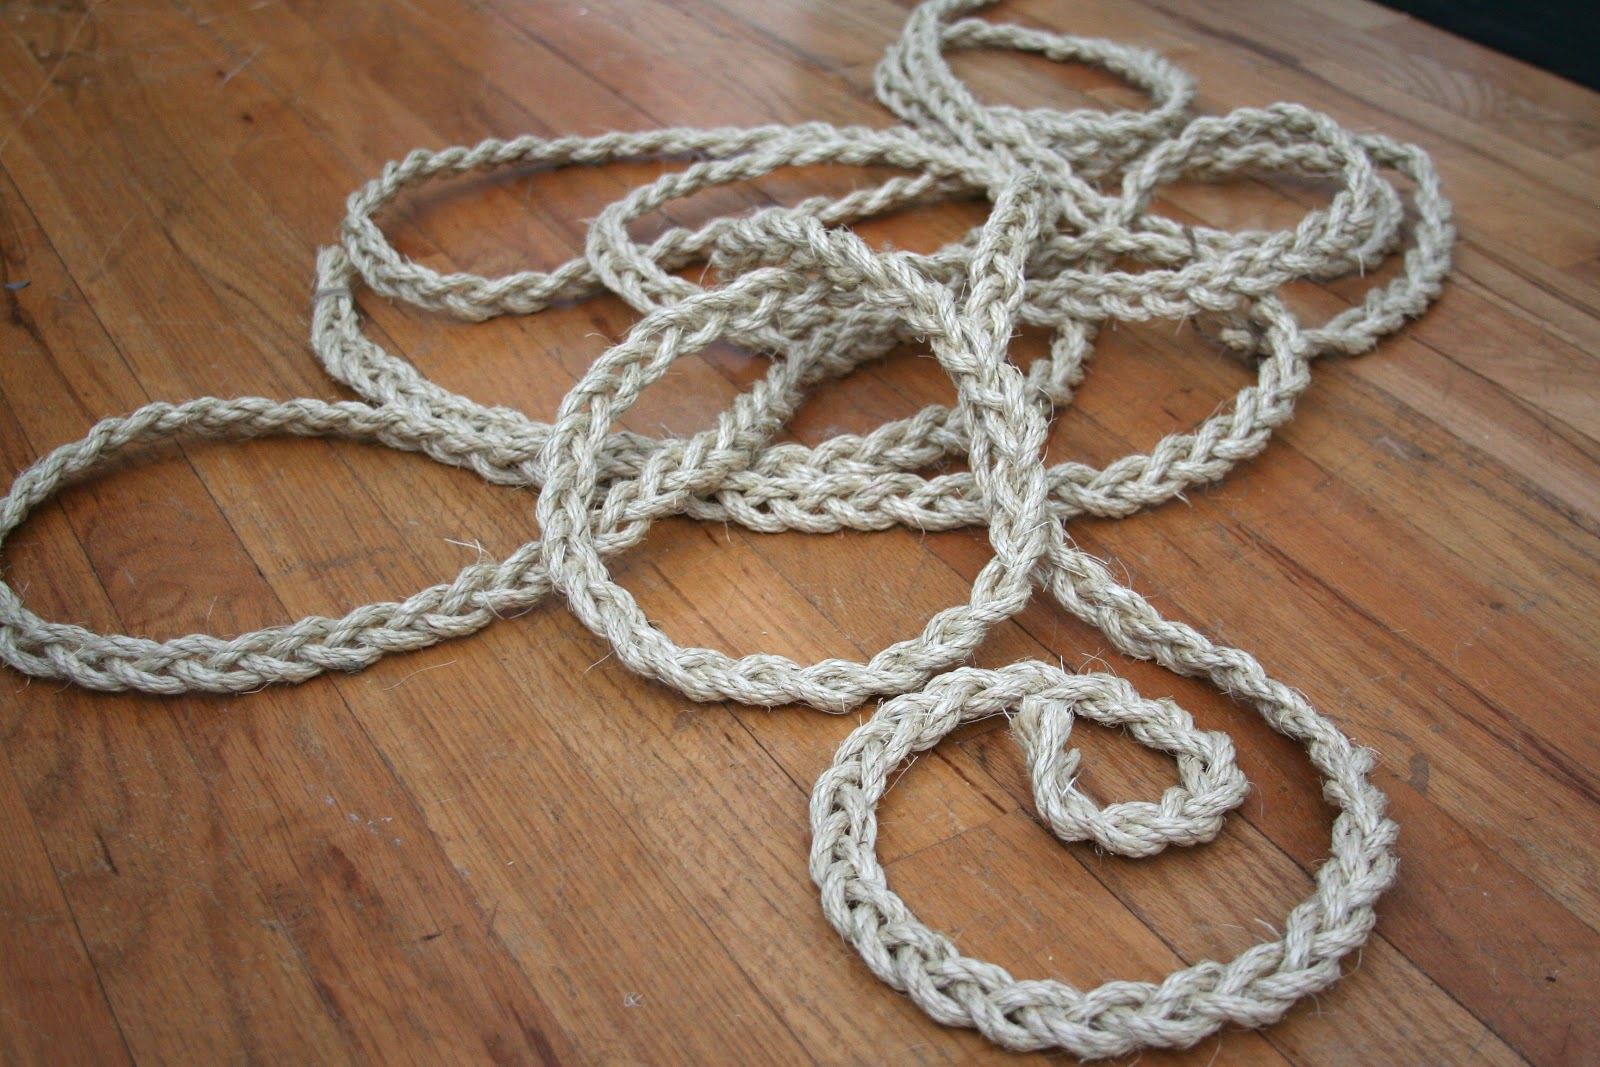 Braided Rope Rug